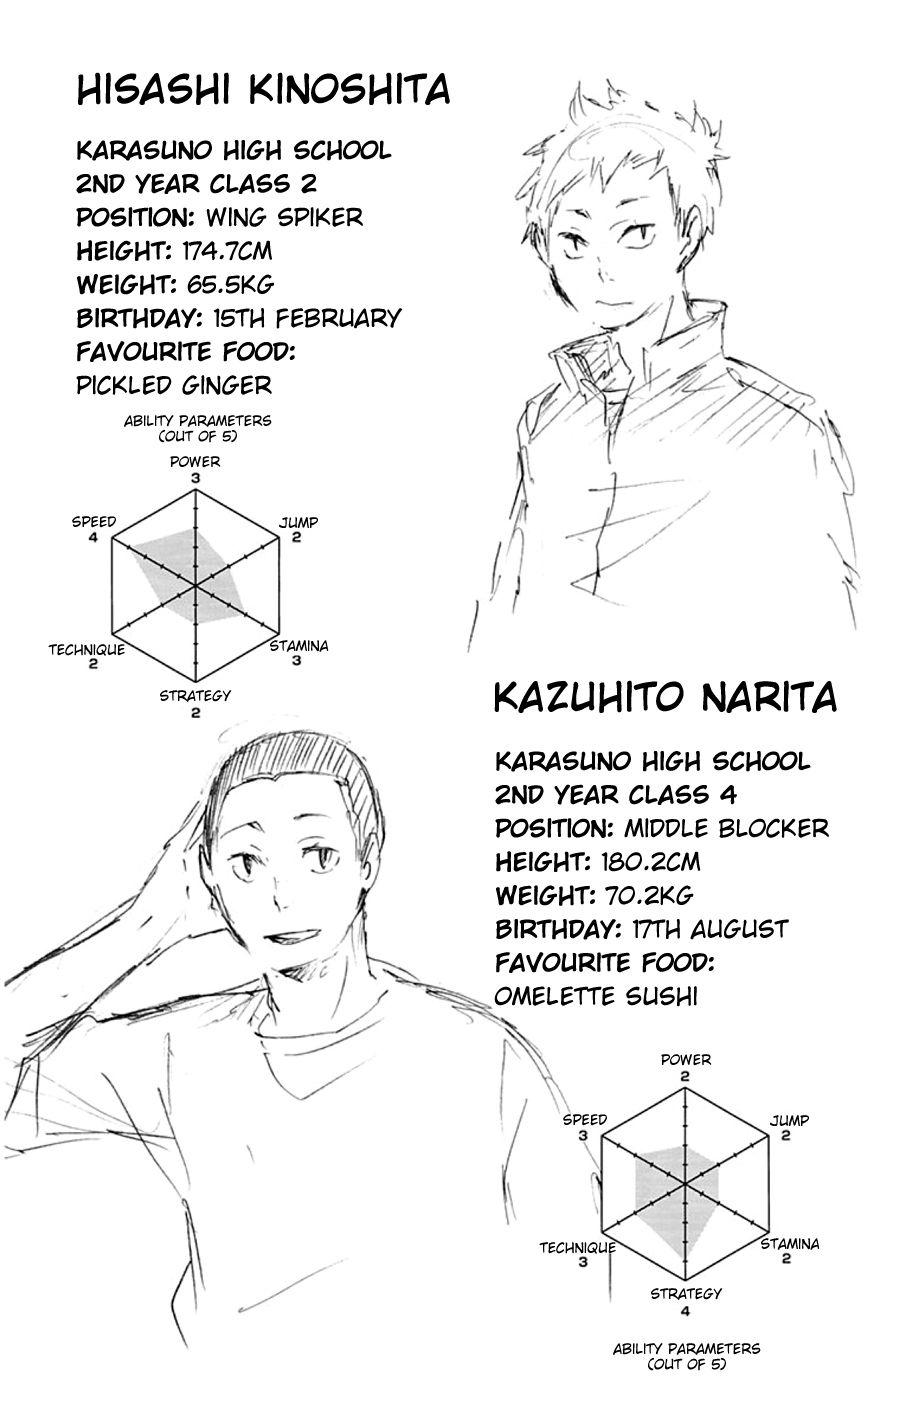 Haikyuu Profiles Kinoshita Narita Karasuno Uniform Numbers 7 8 Haikyuu Haikyuu Karasuno Haikyuu Characters